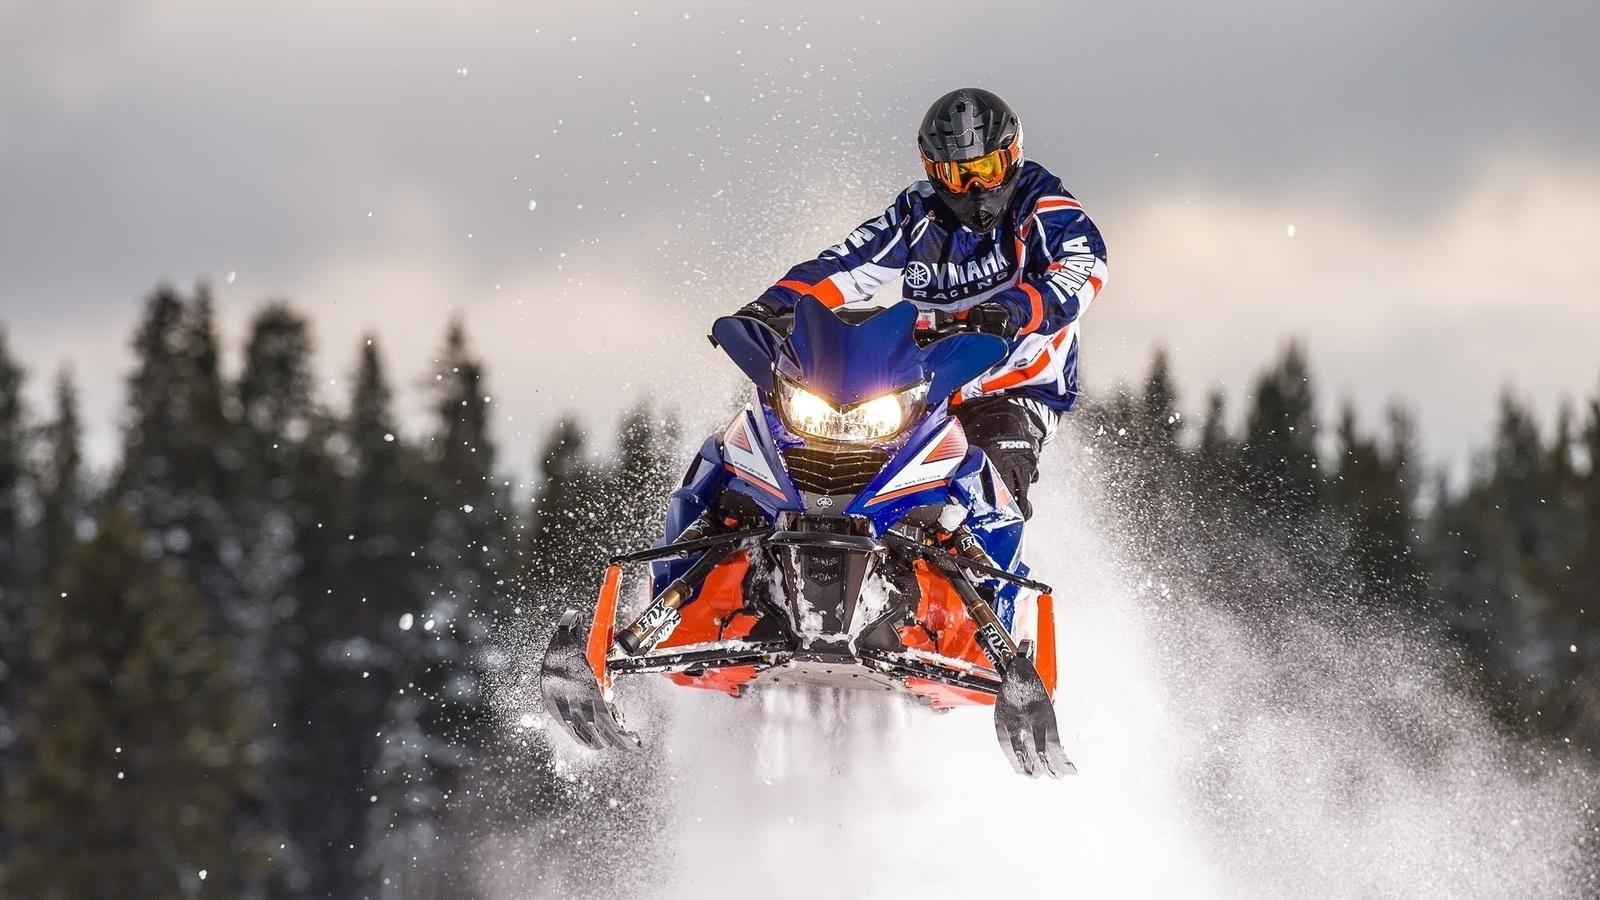 снегоход картинки спорт представляю, как приехал